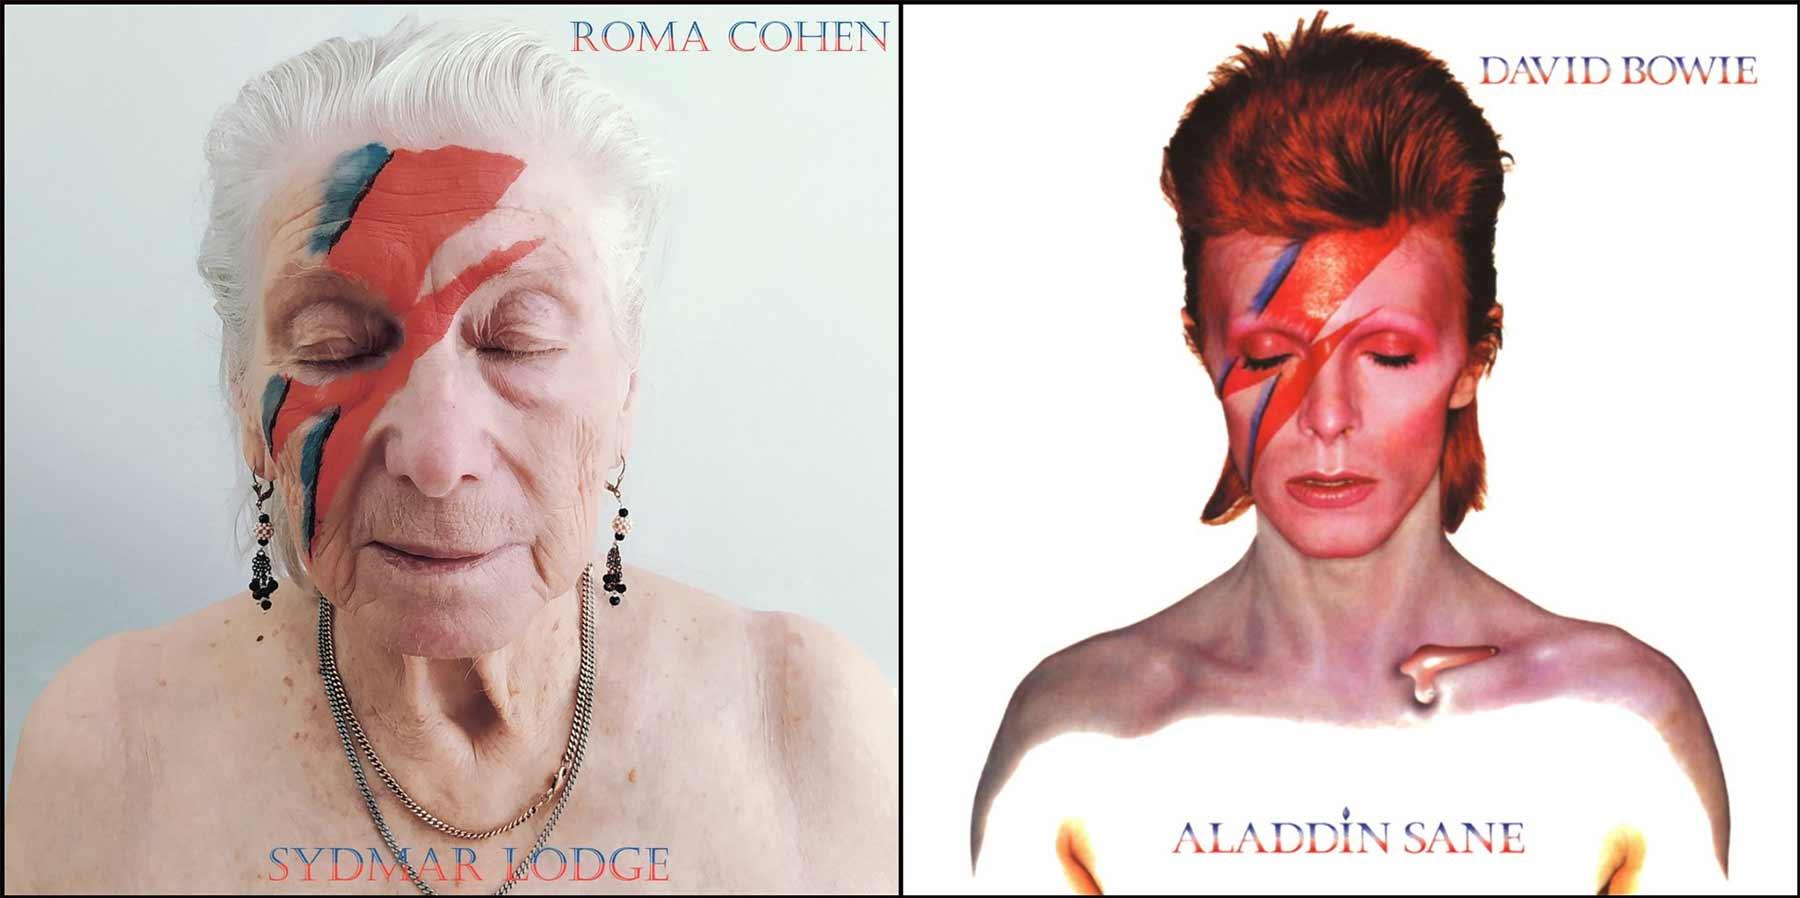 Altenheim stellt ikonische Albumcover nach rentnerinnen-machen-albumcover-nach_11